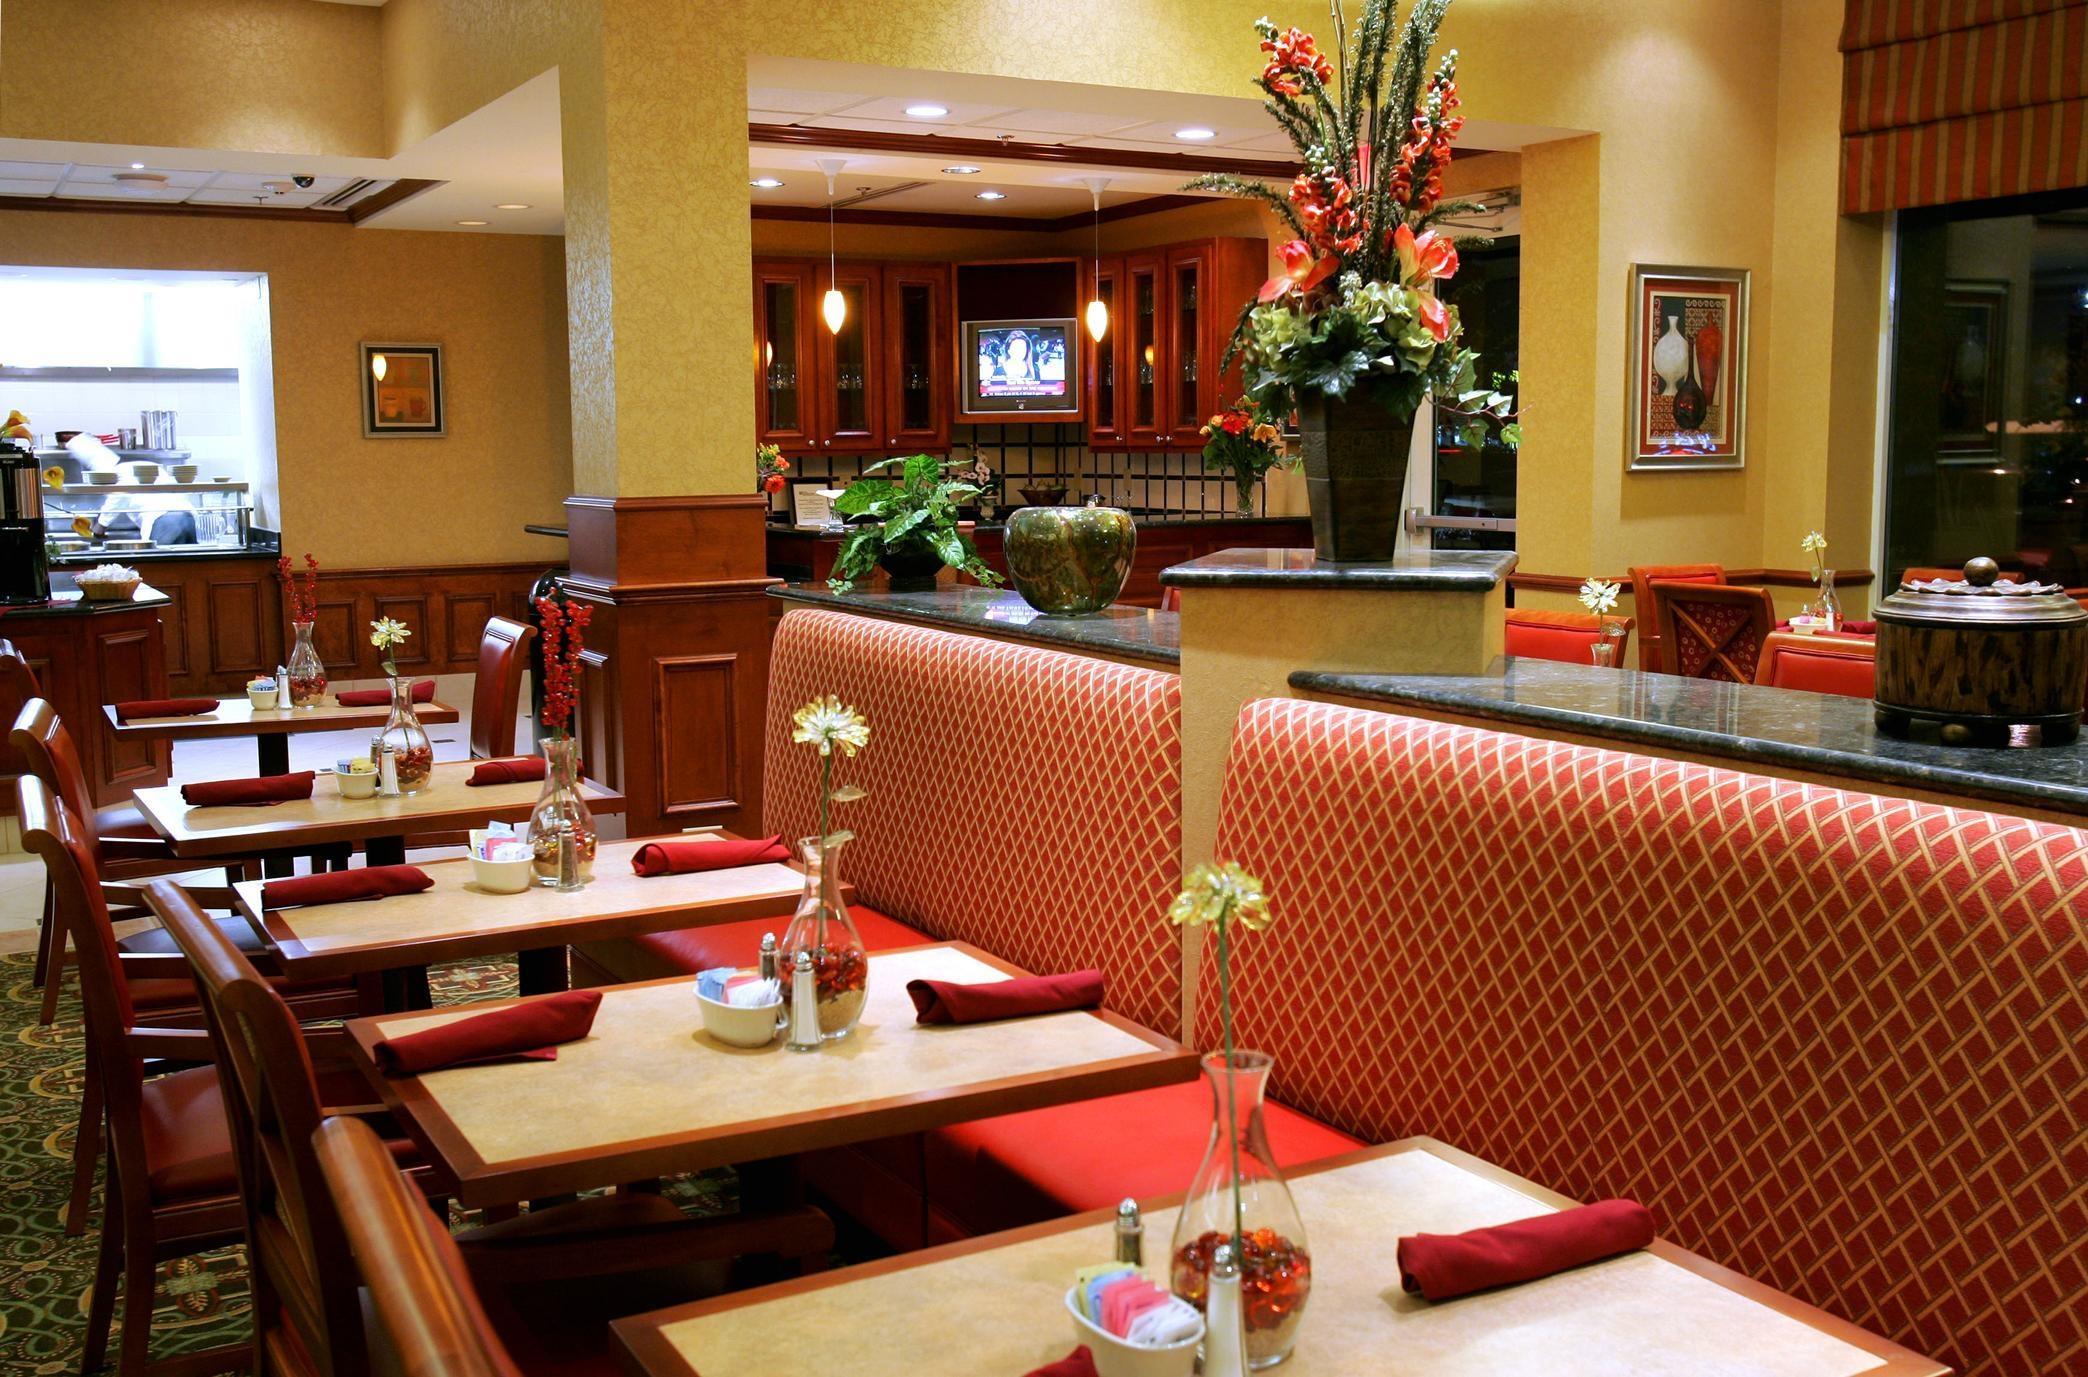 Hilton Garden Inn Clarksburg image 8